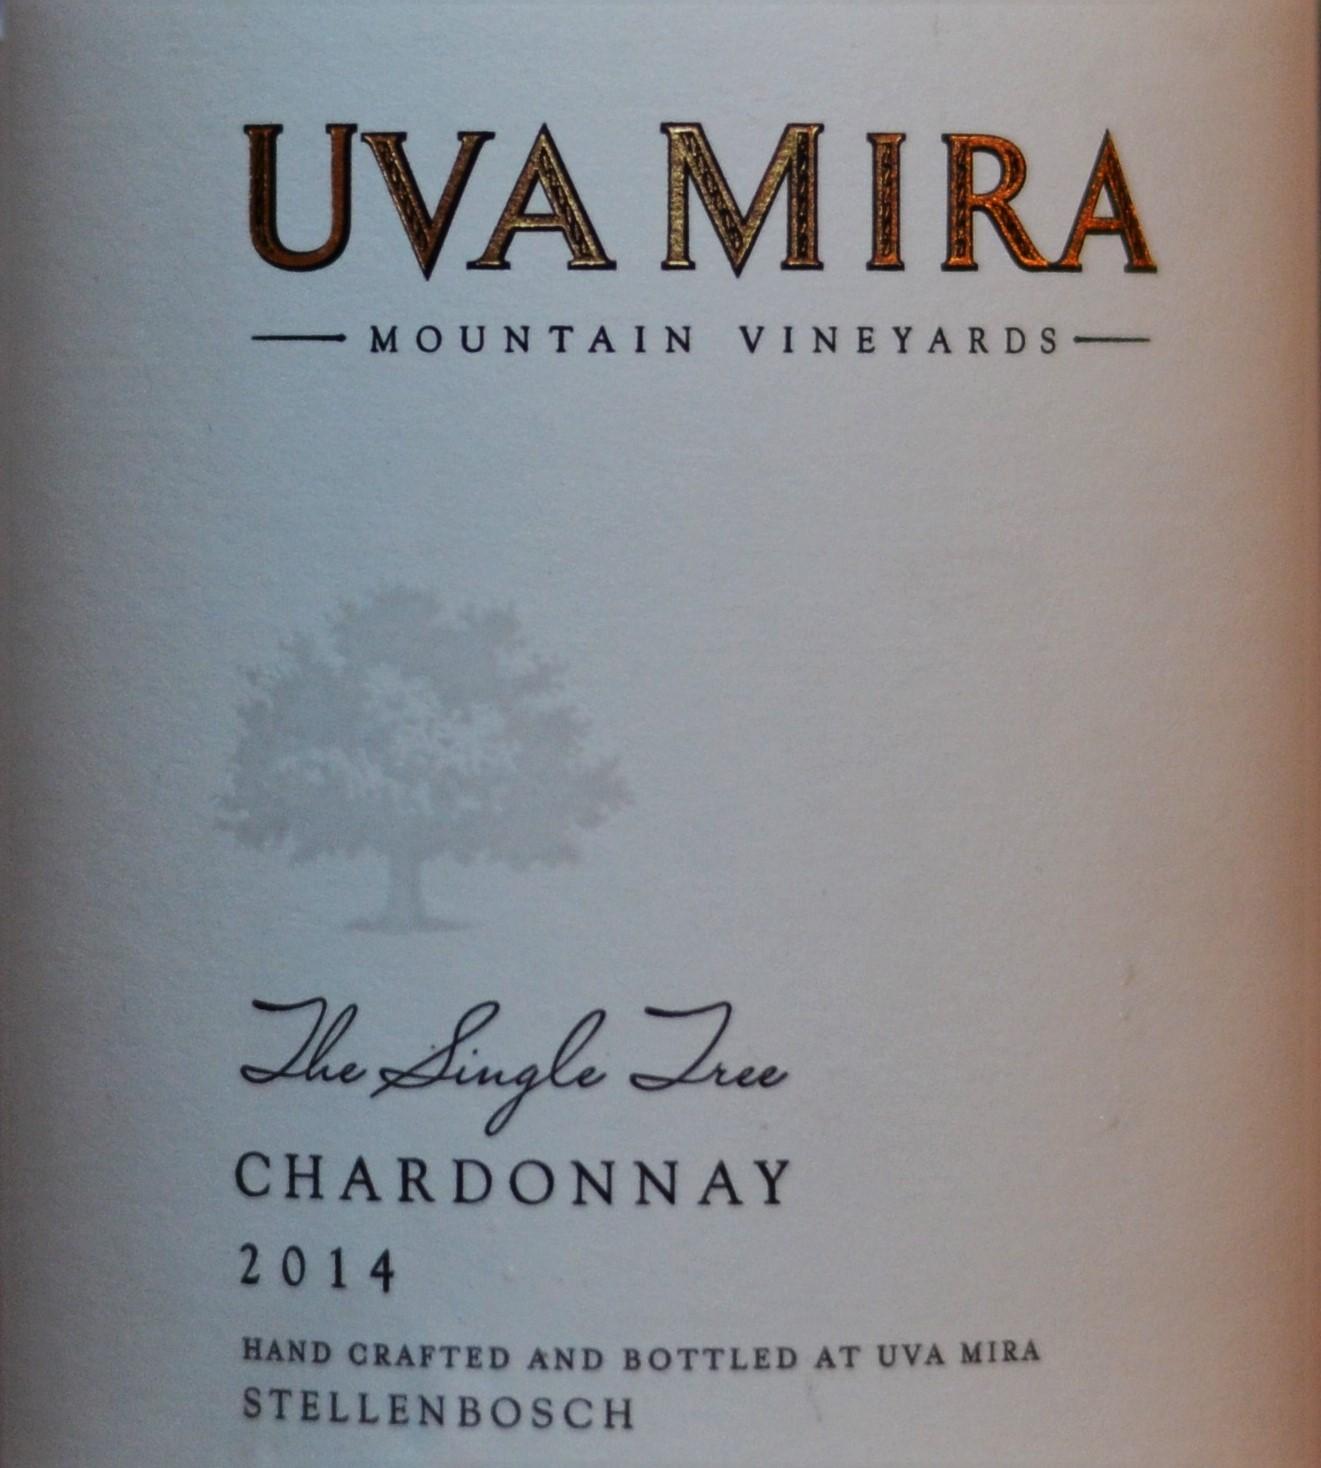 Uva Mira The Single Tree Chardonnay 2014